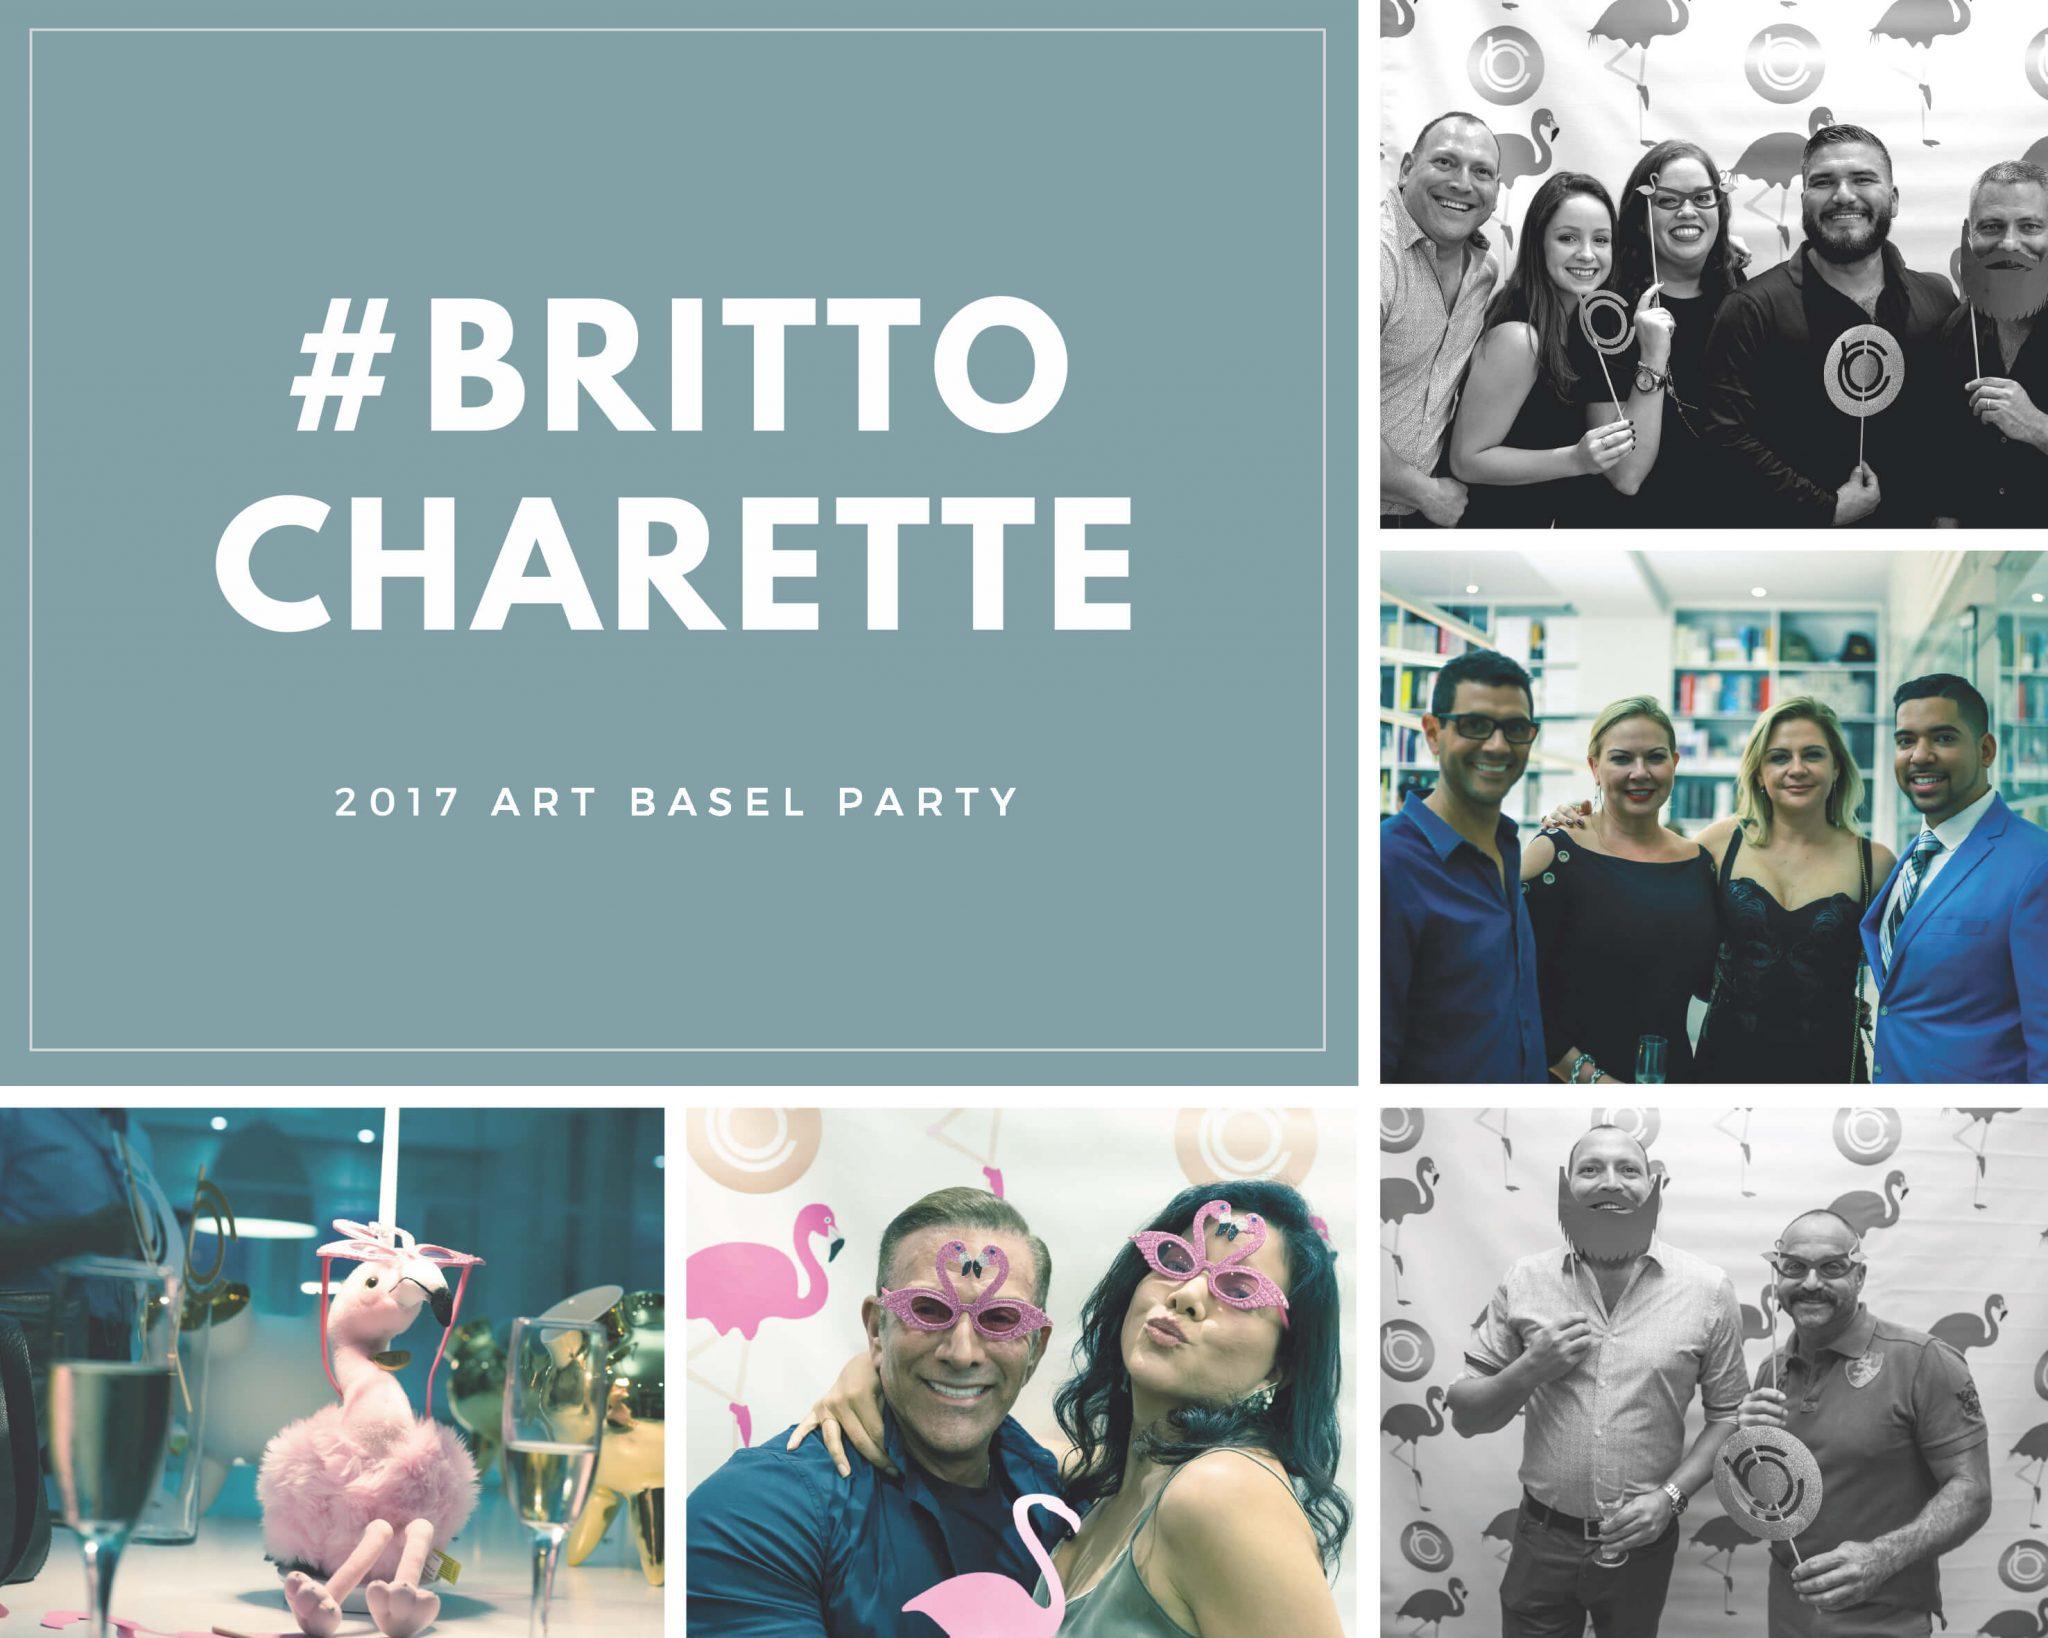 Britto Charette: Art Basel Party